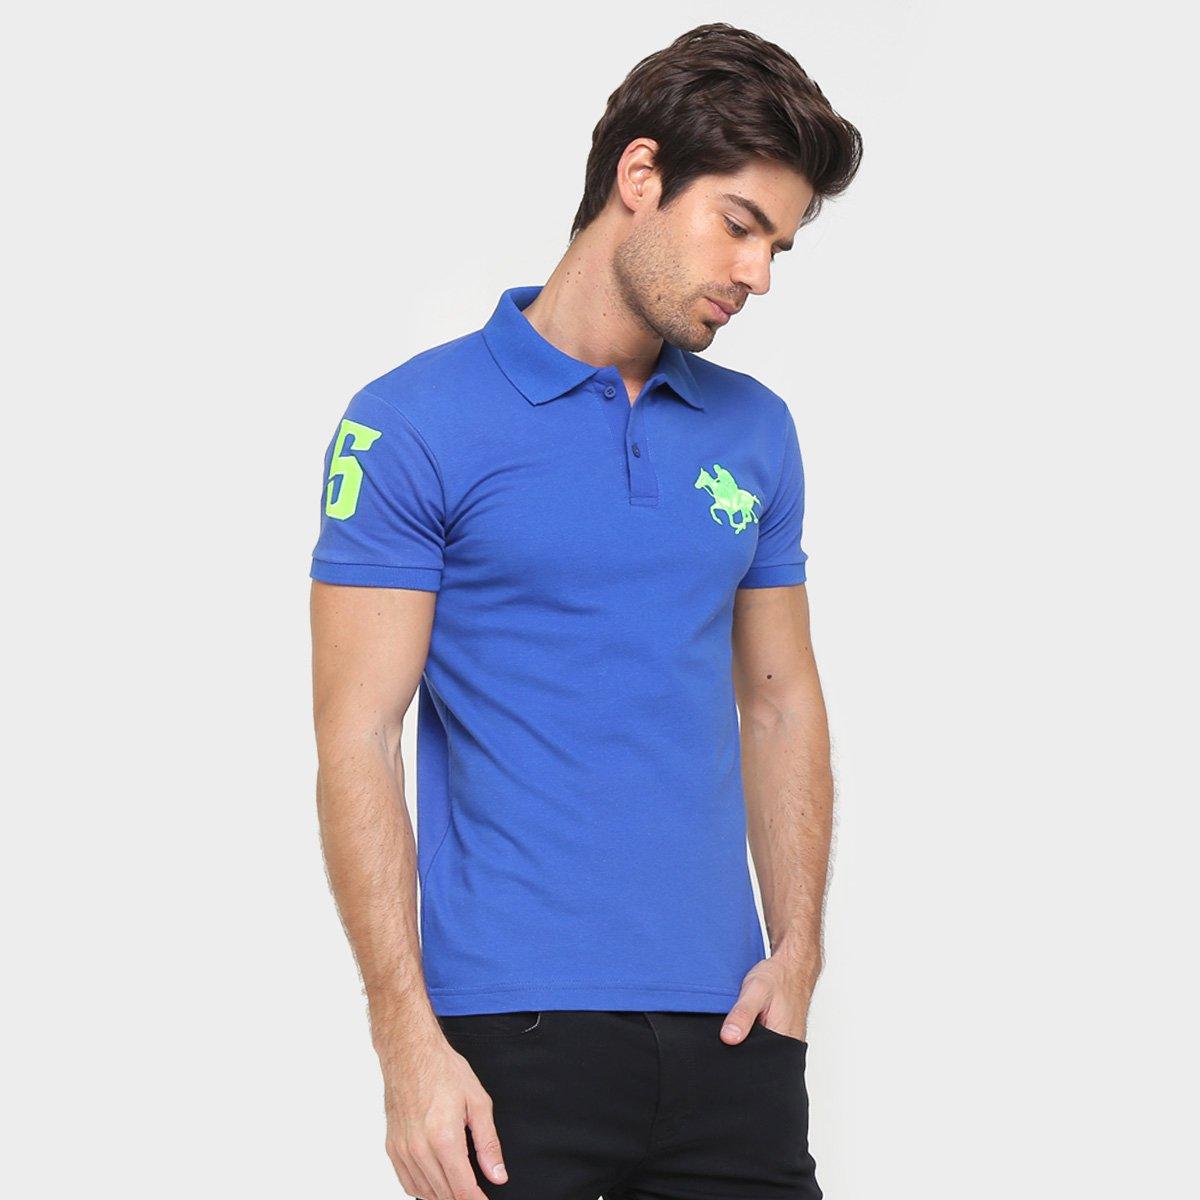 Camisa Polo Rg 518 Piquet Bordado Contraste Color  90d423732a59a